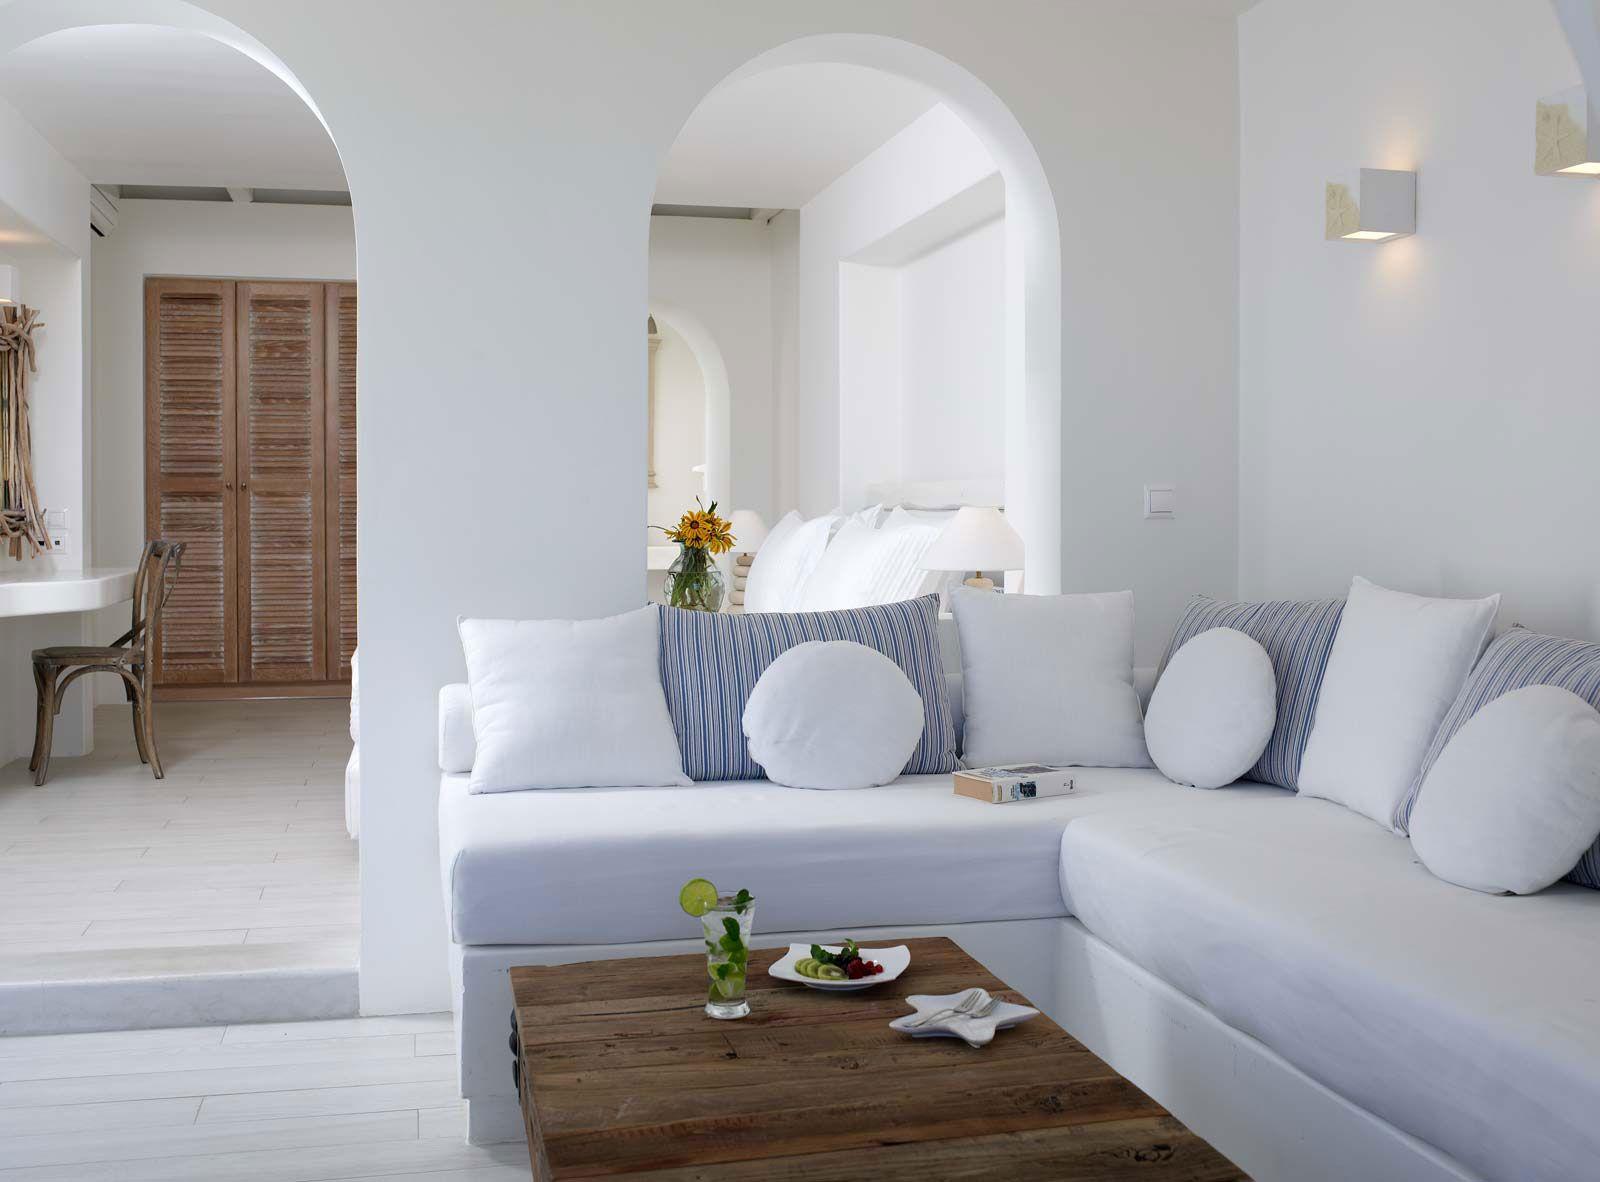 Une pi ce vivre luxueuse design d 39 int rieur - Decoration luxe interieur ...